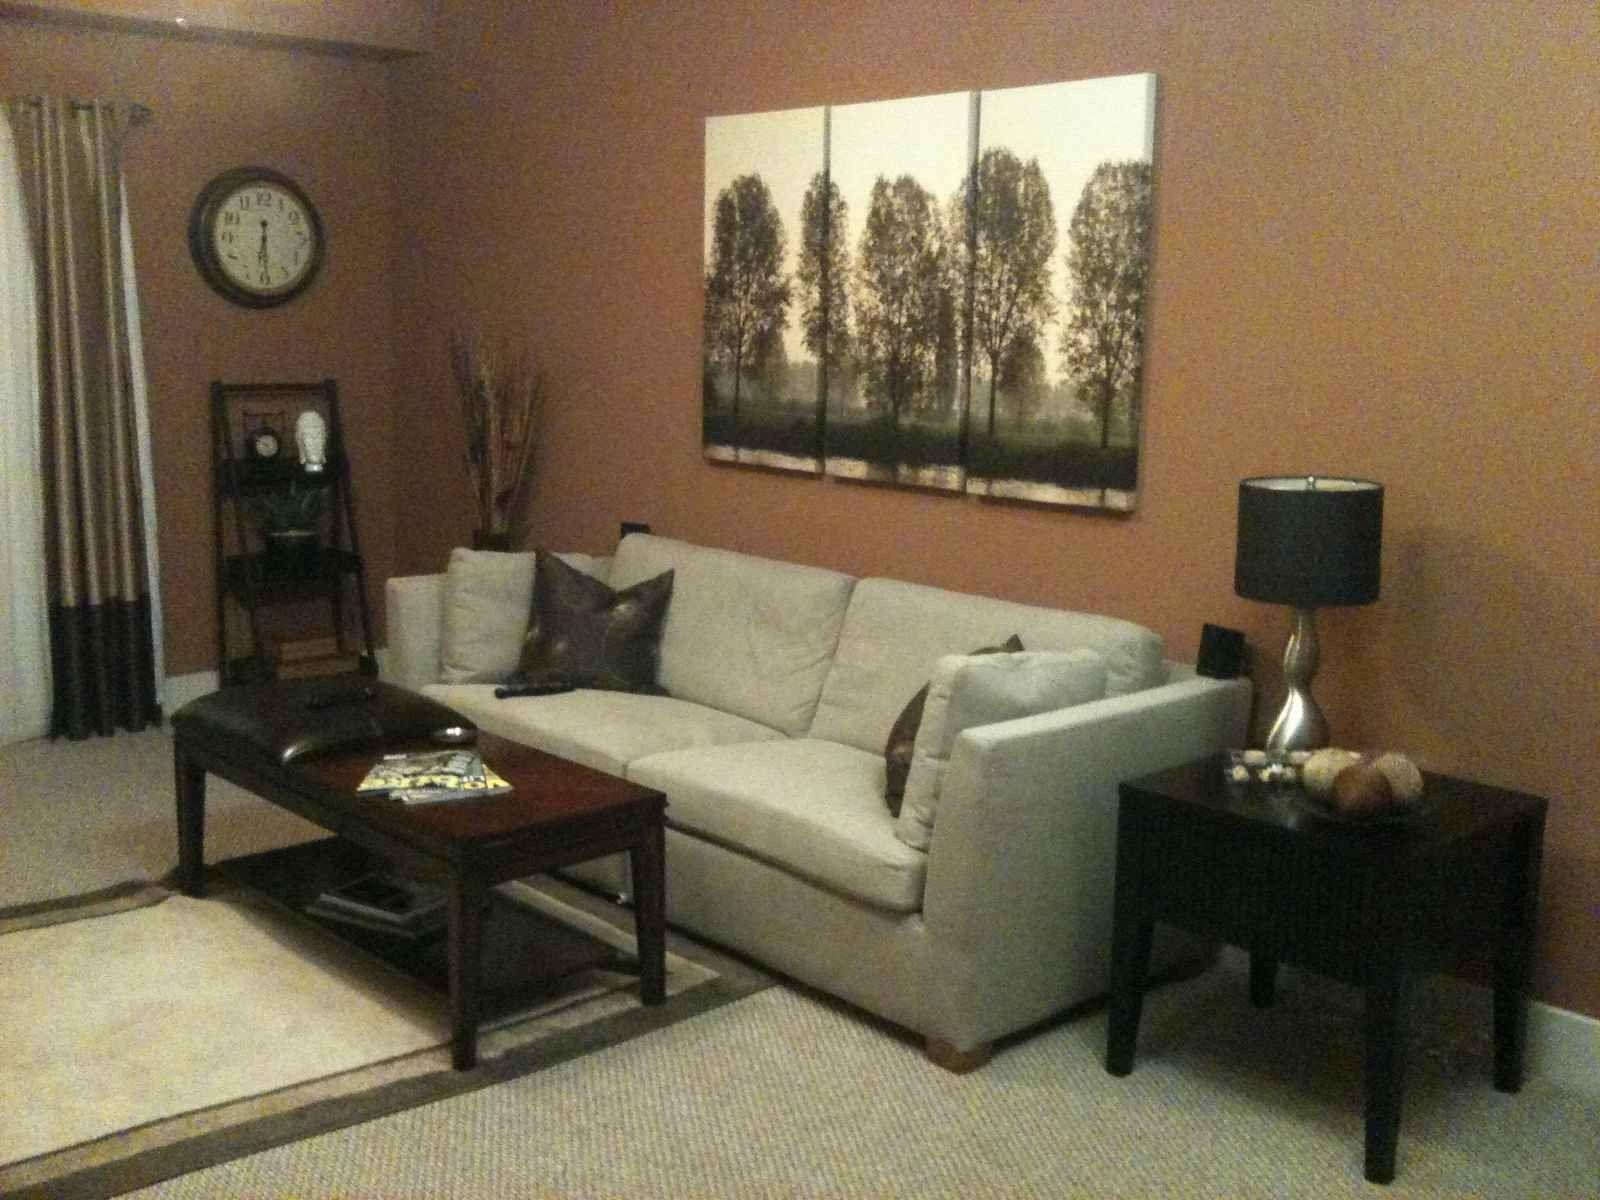 Warm Living Room Paint Colors Paint Color Scheme For Living Room Warm Colors Modern In 2020 Paint Colors For Living Room Trendy Living Rooms Brown Living Room #warm #color #scheme #for #living #room